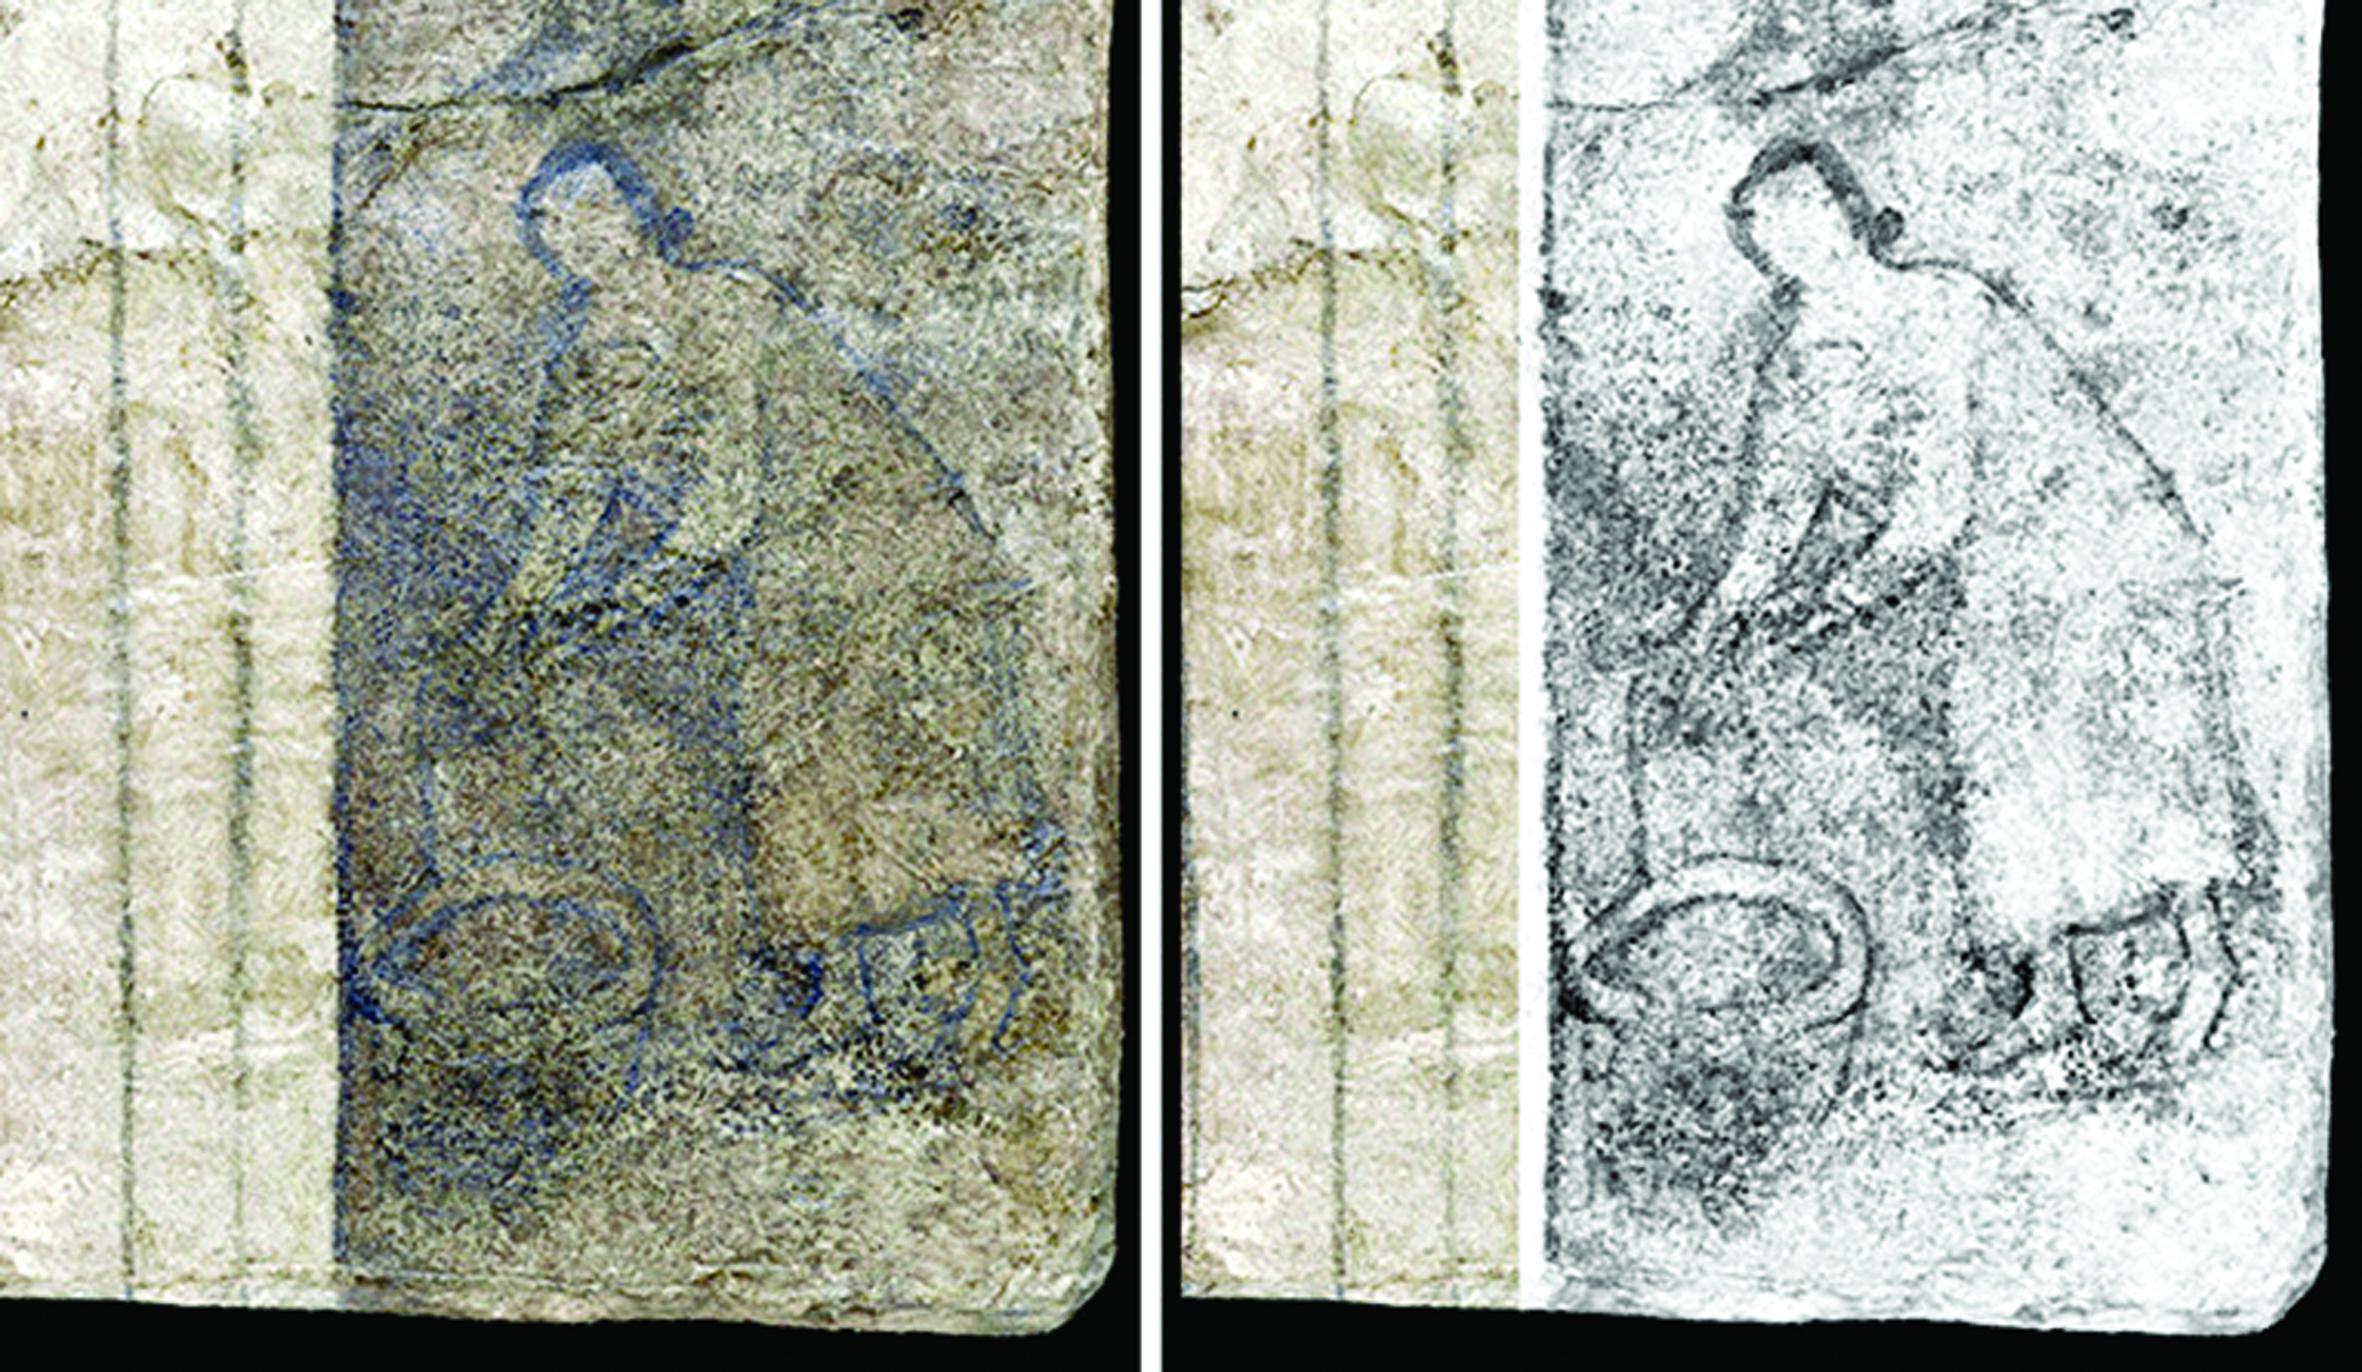 9 tranh ảnh cổ xưa về Ðức Mẹ - 1